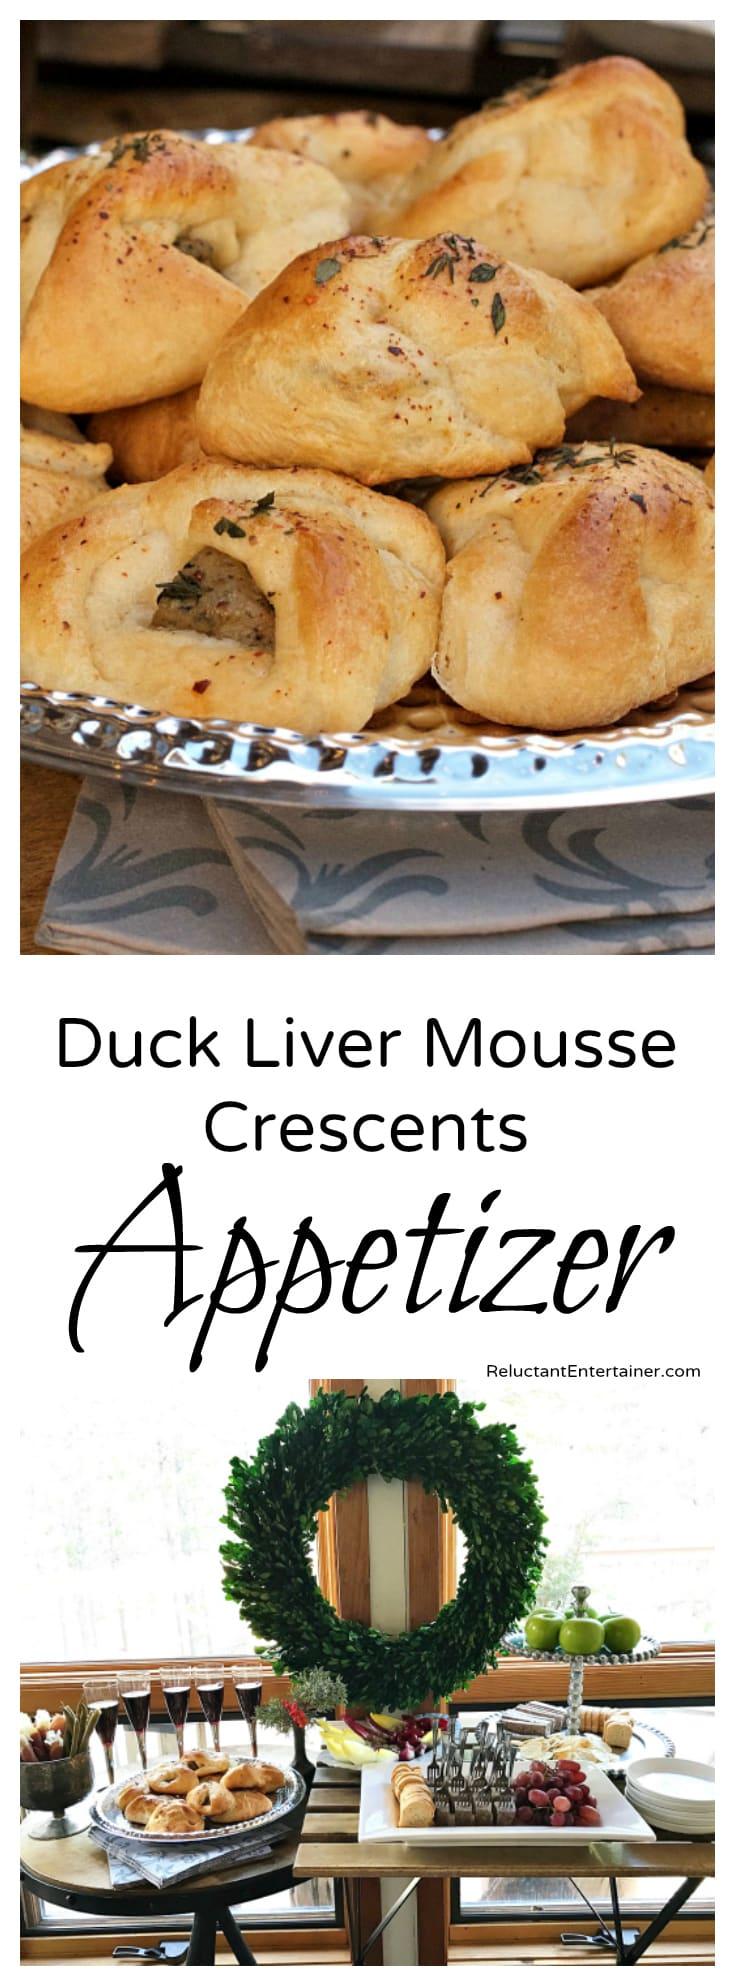 Duck Liver Mousse Crescents Appetizer